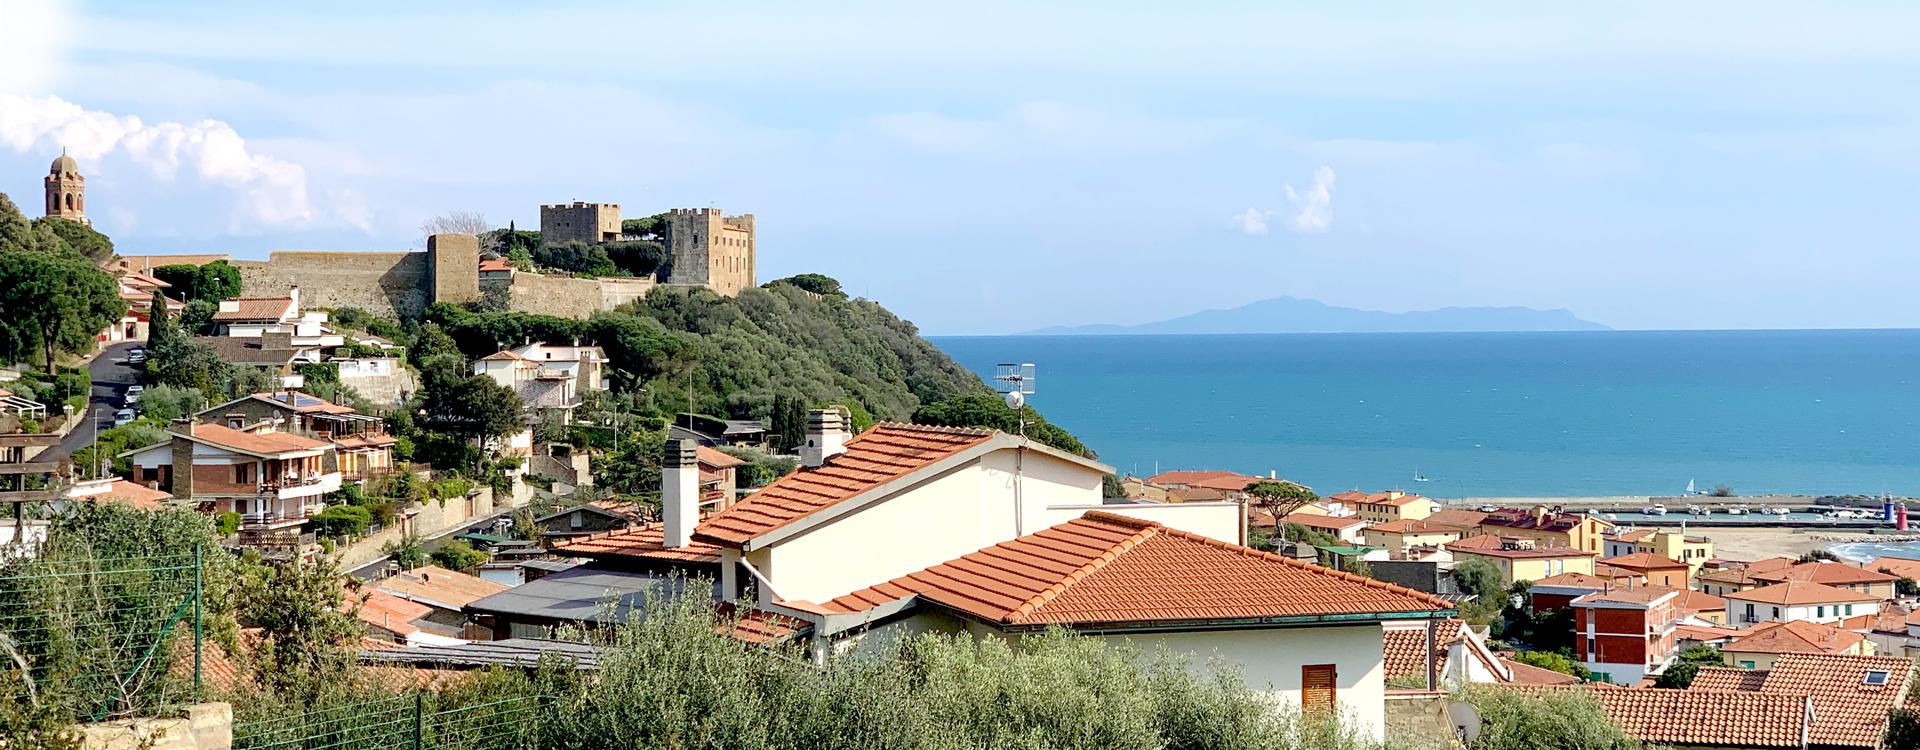 Villa Ancora per vacanze a castiglione della pescaia anche a natale